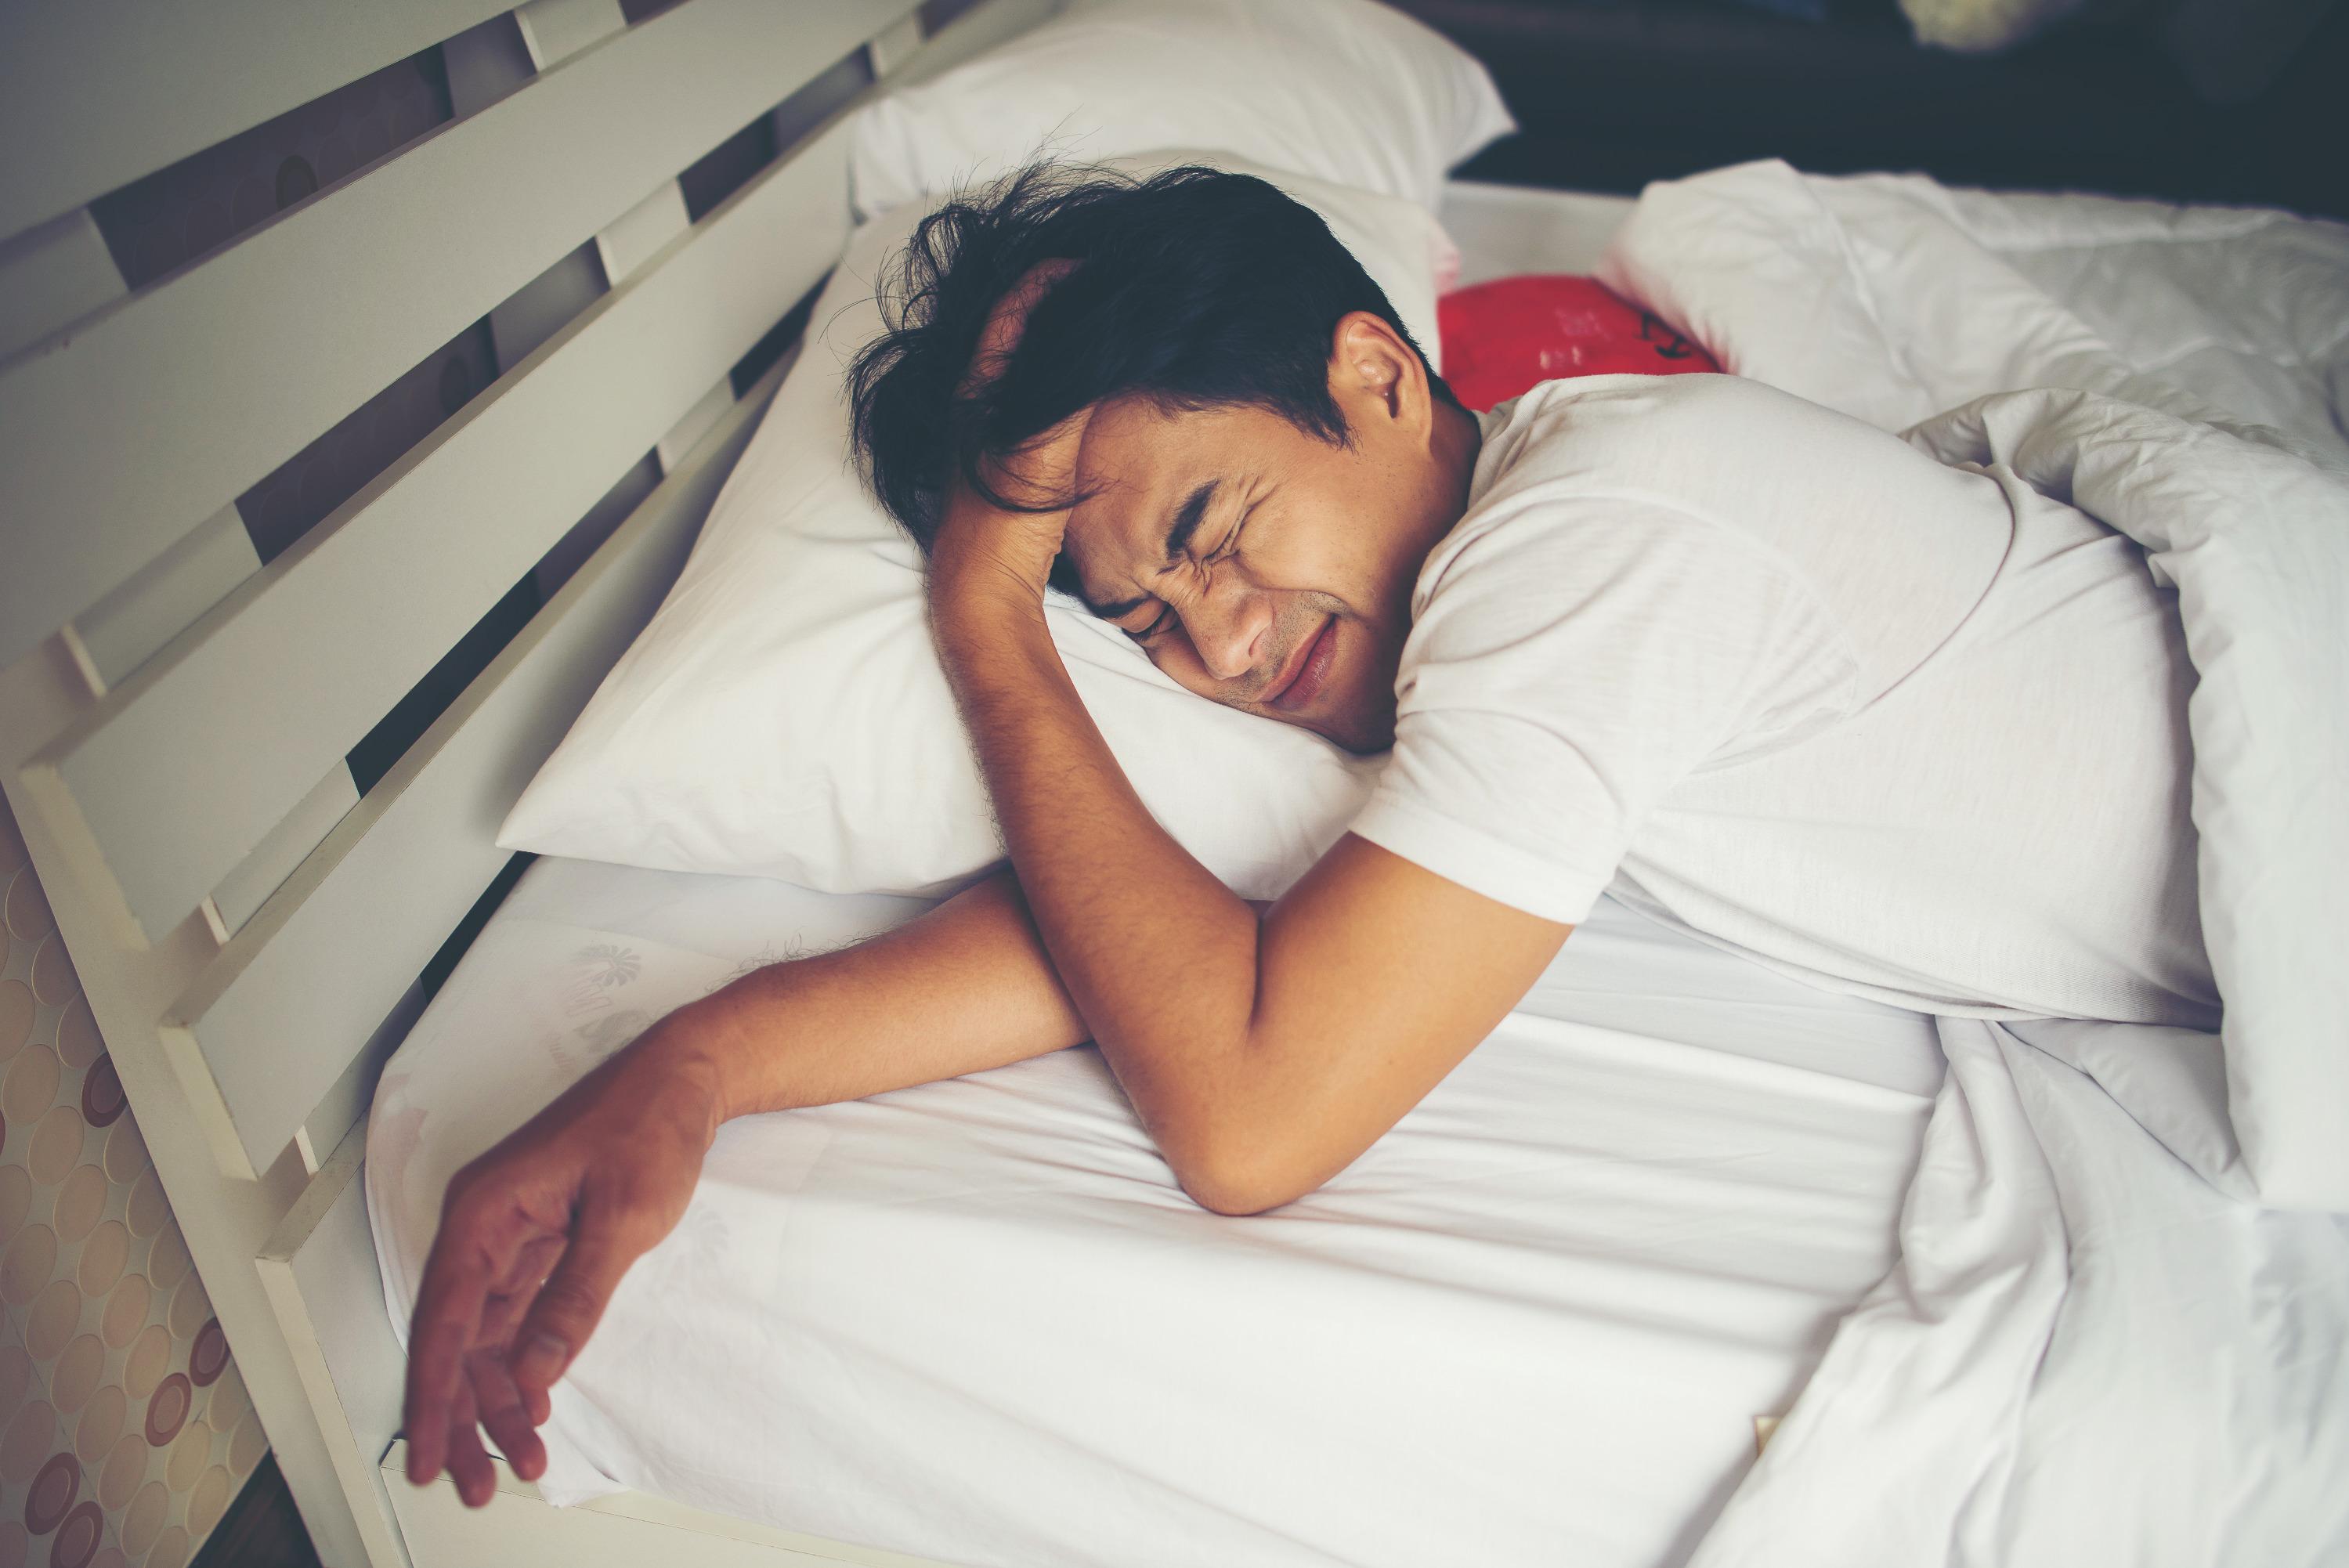 Просыпаемся и пашем: как правильно засыпать весной, чтобы легко проснуться и выспаться